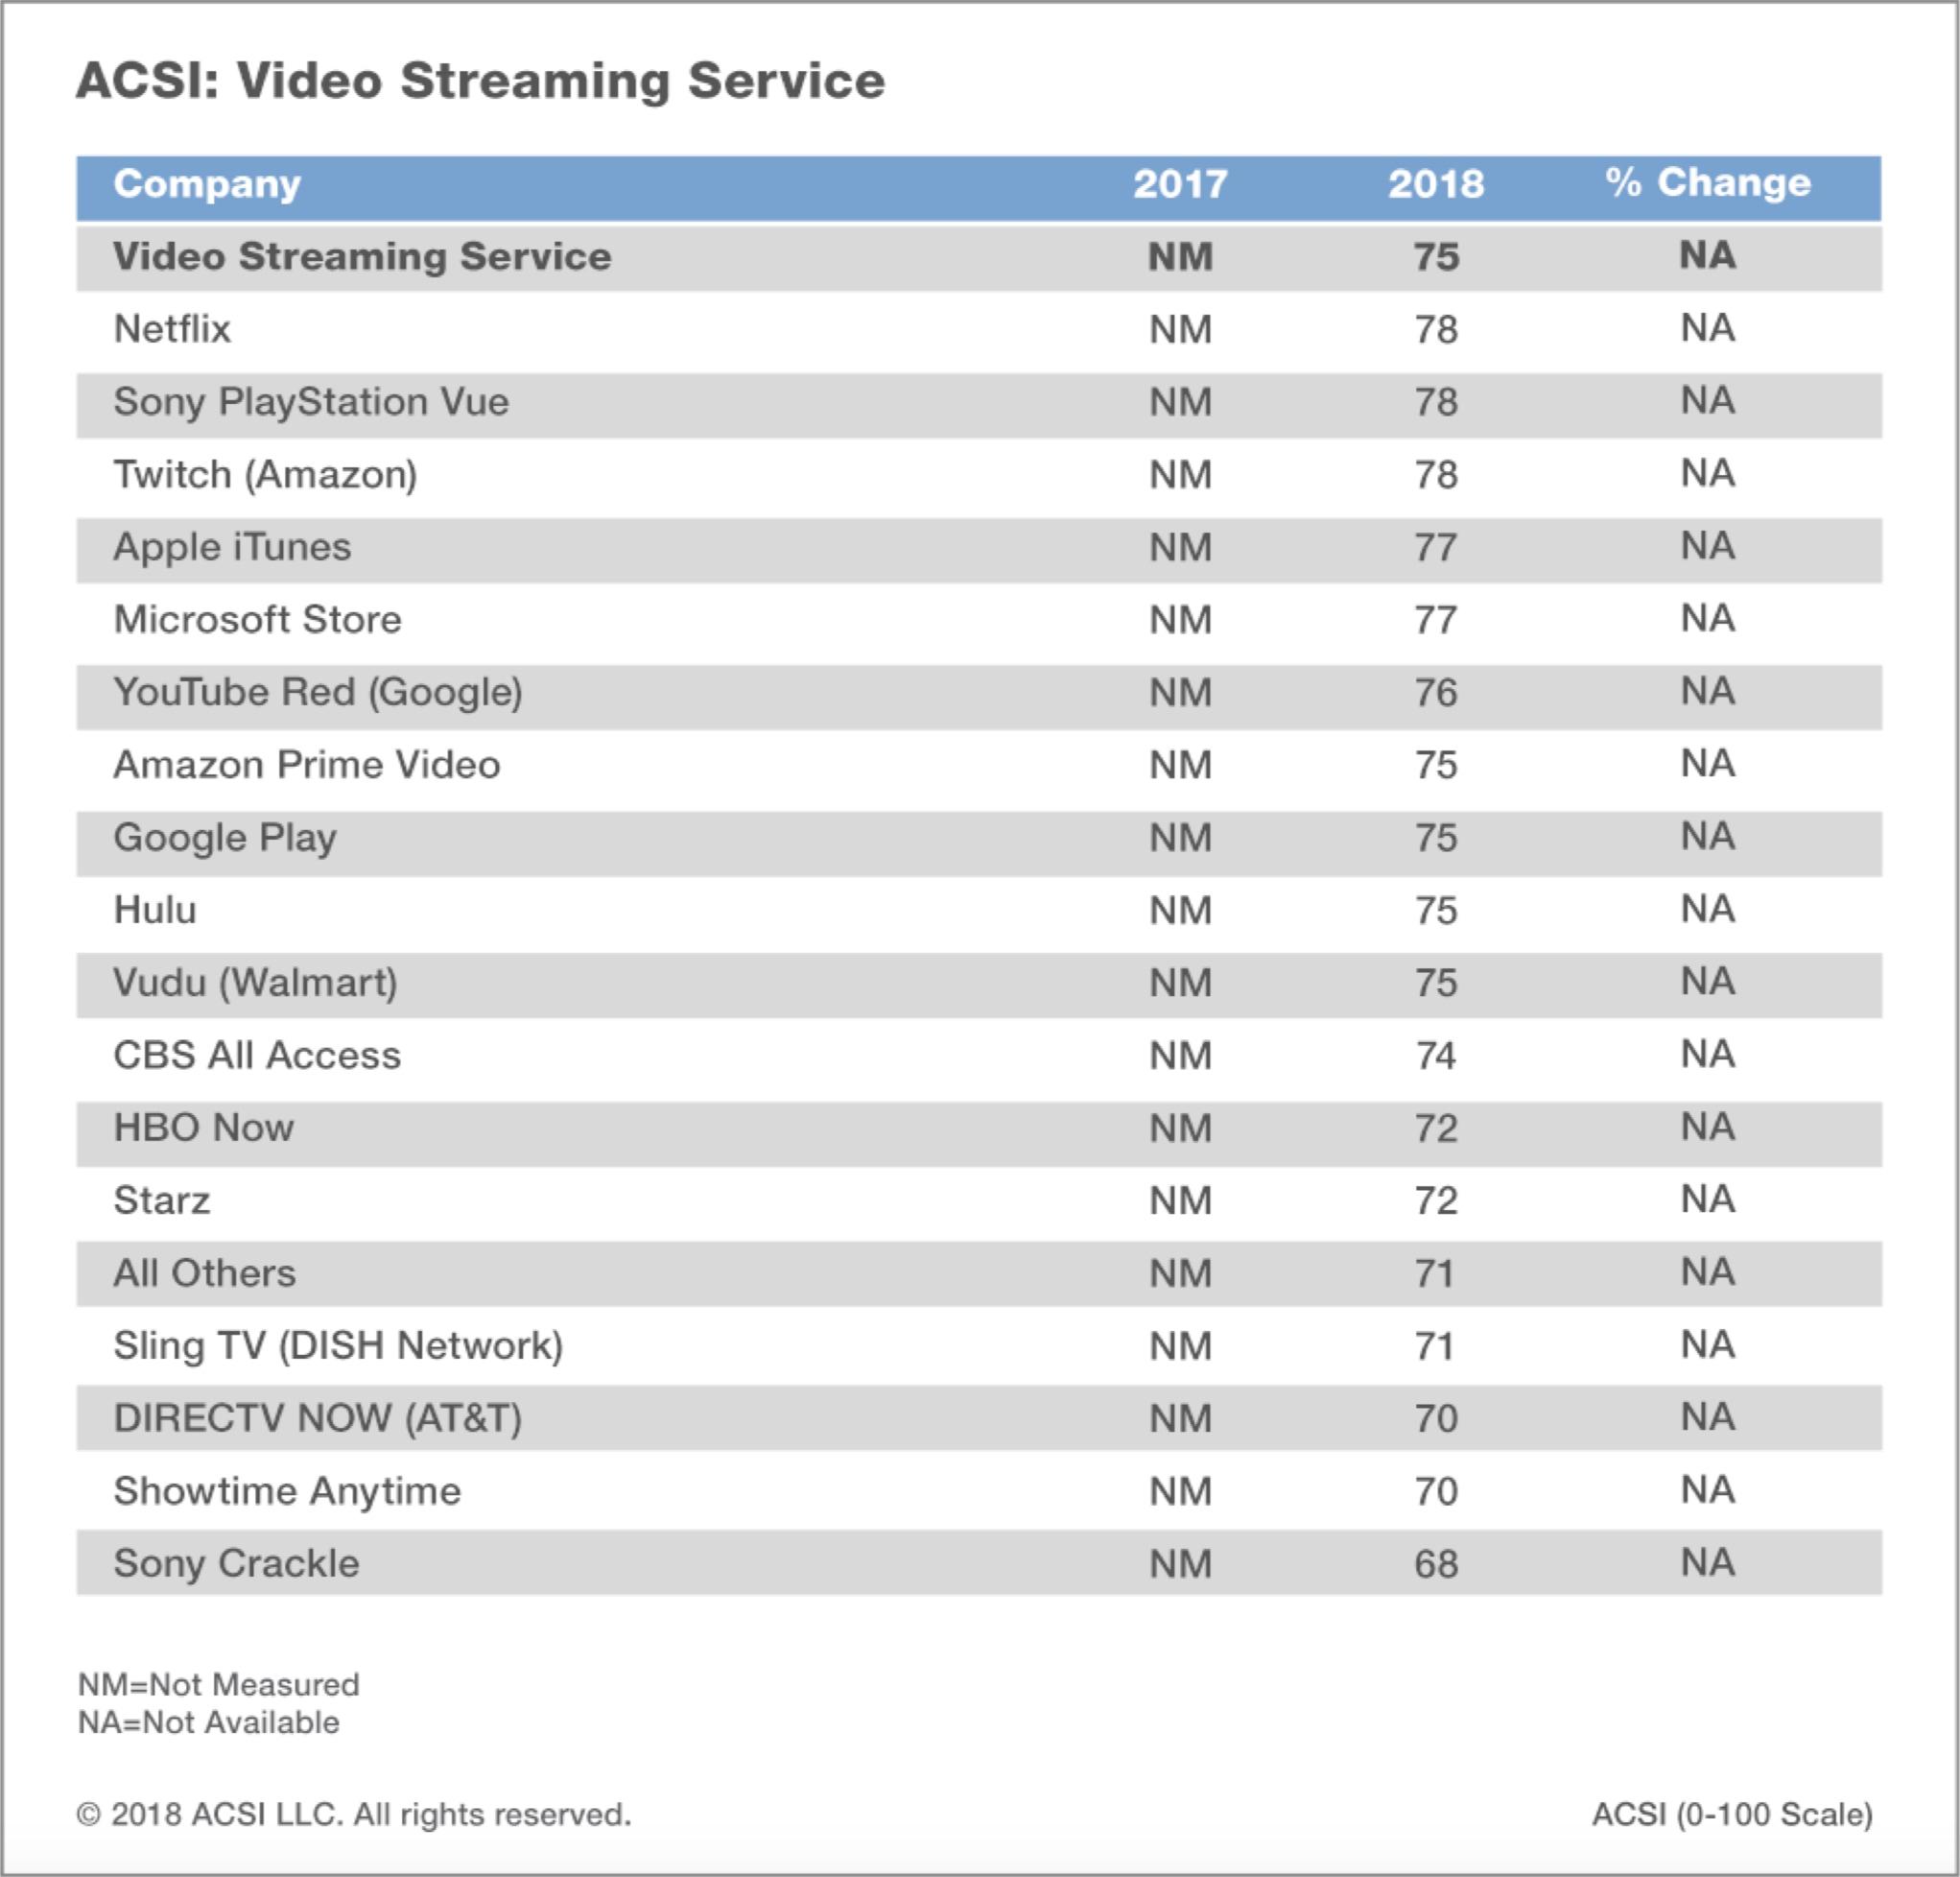 Pesquisa da ACSI englobando serviços de vídeo